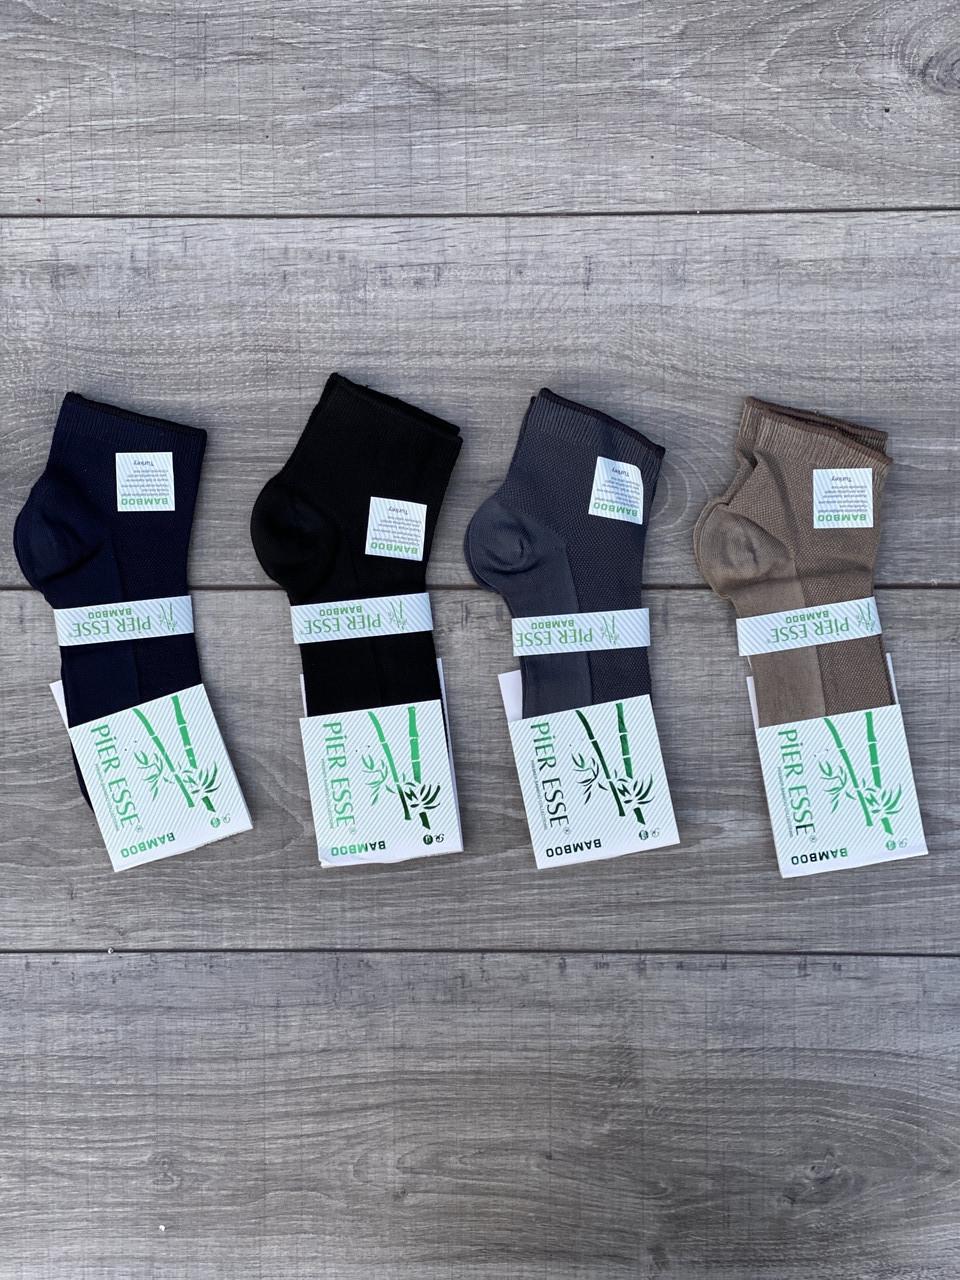 Чоловічі шкарпетки середні в сітку бамбук Pier Esse однотонні 40-45 12 шт в уп мікс 4 кольорів